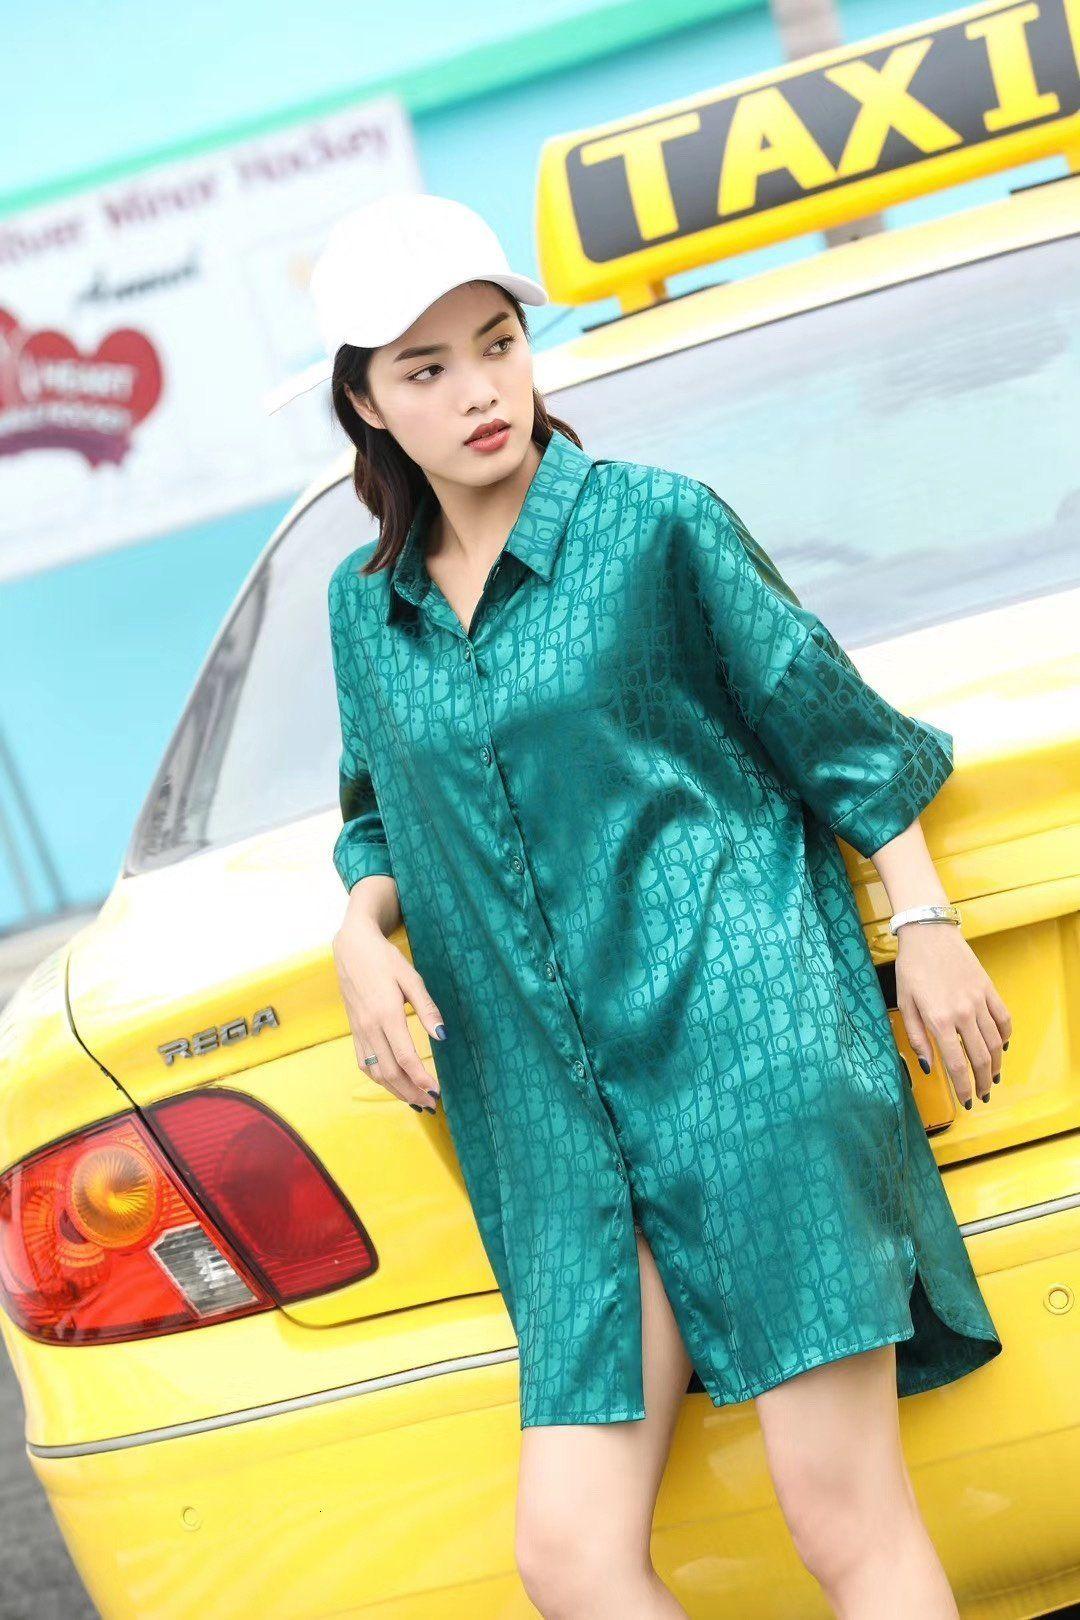 Le donne Shirt Designer estivi 2020 camicie moda magliette della molla di trasporto preferito della nuova messa in vendita di fascino del partito CP05 Klus Klus